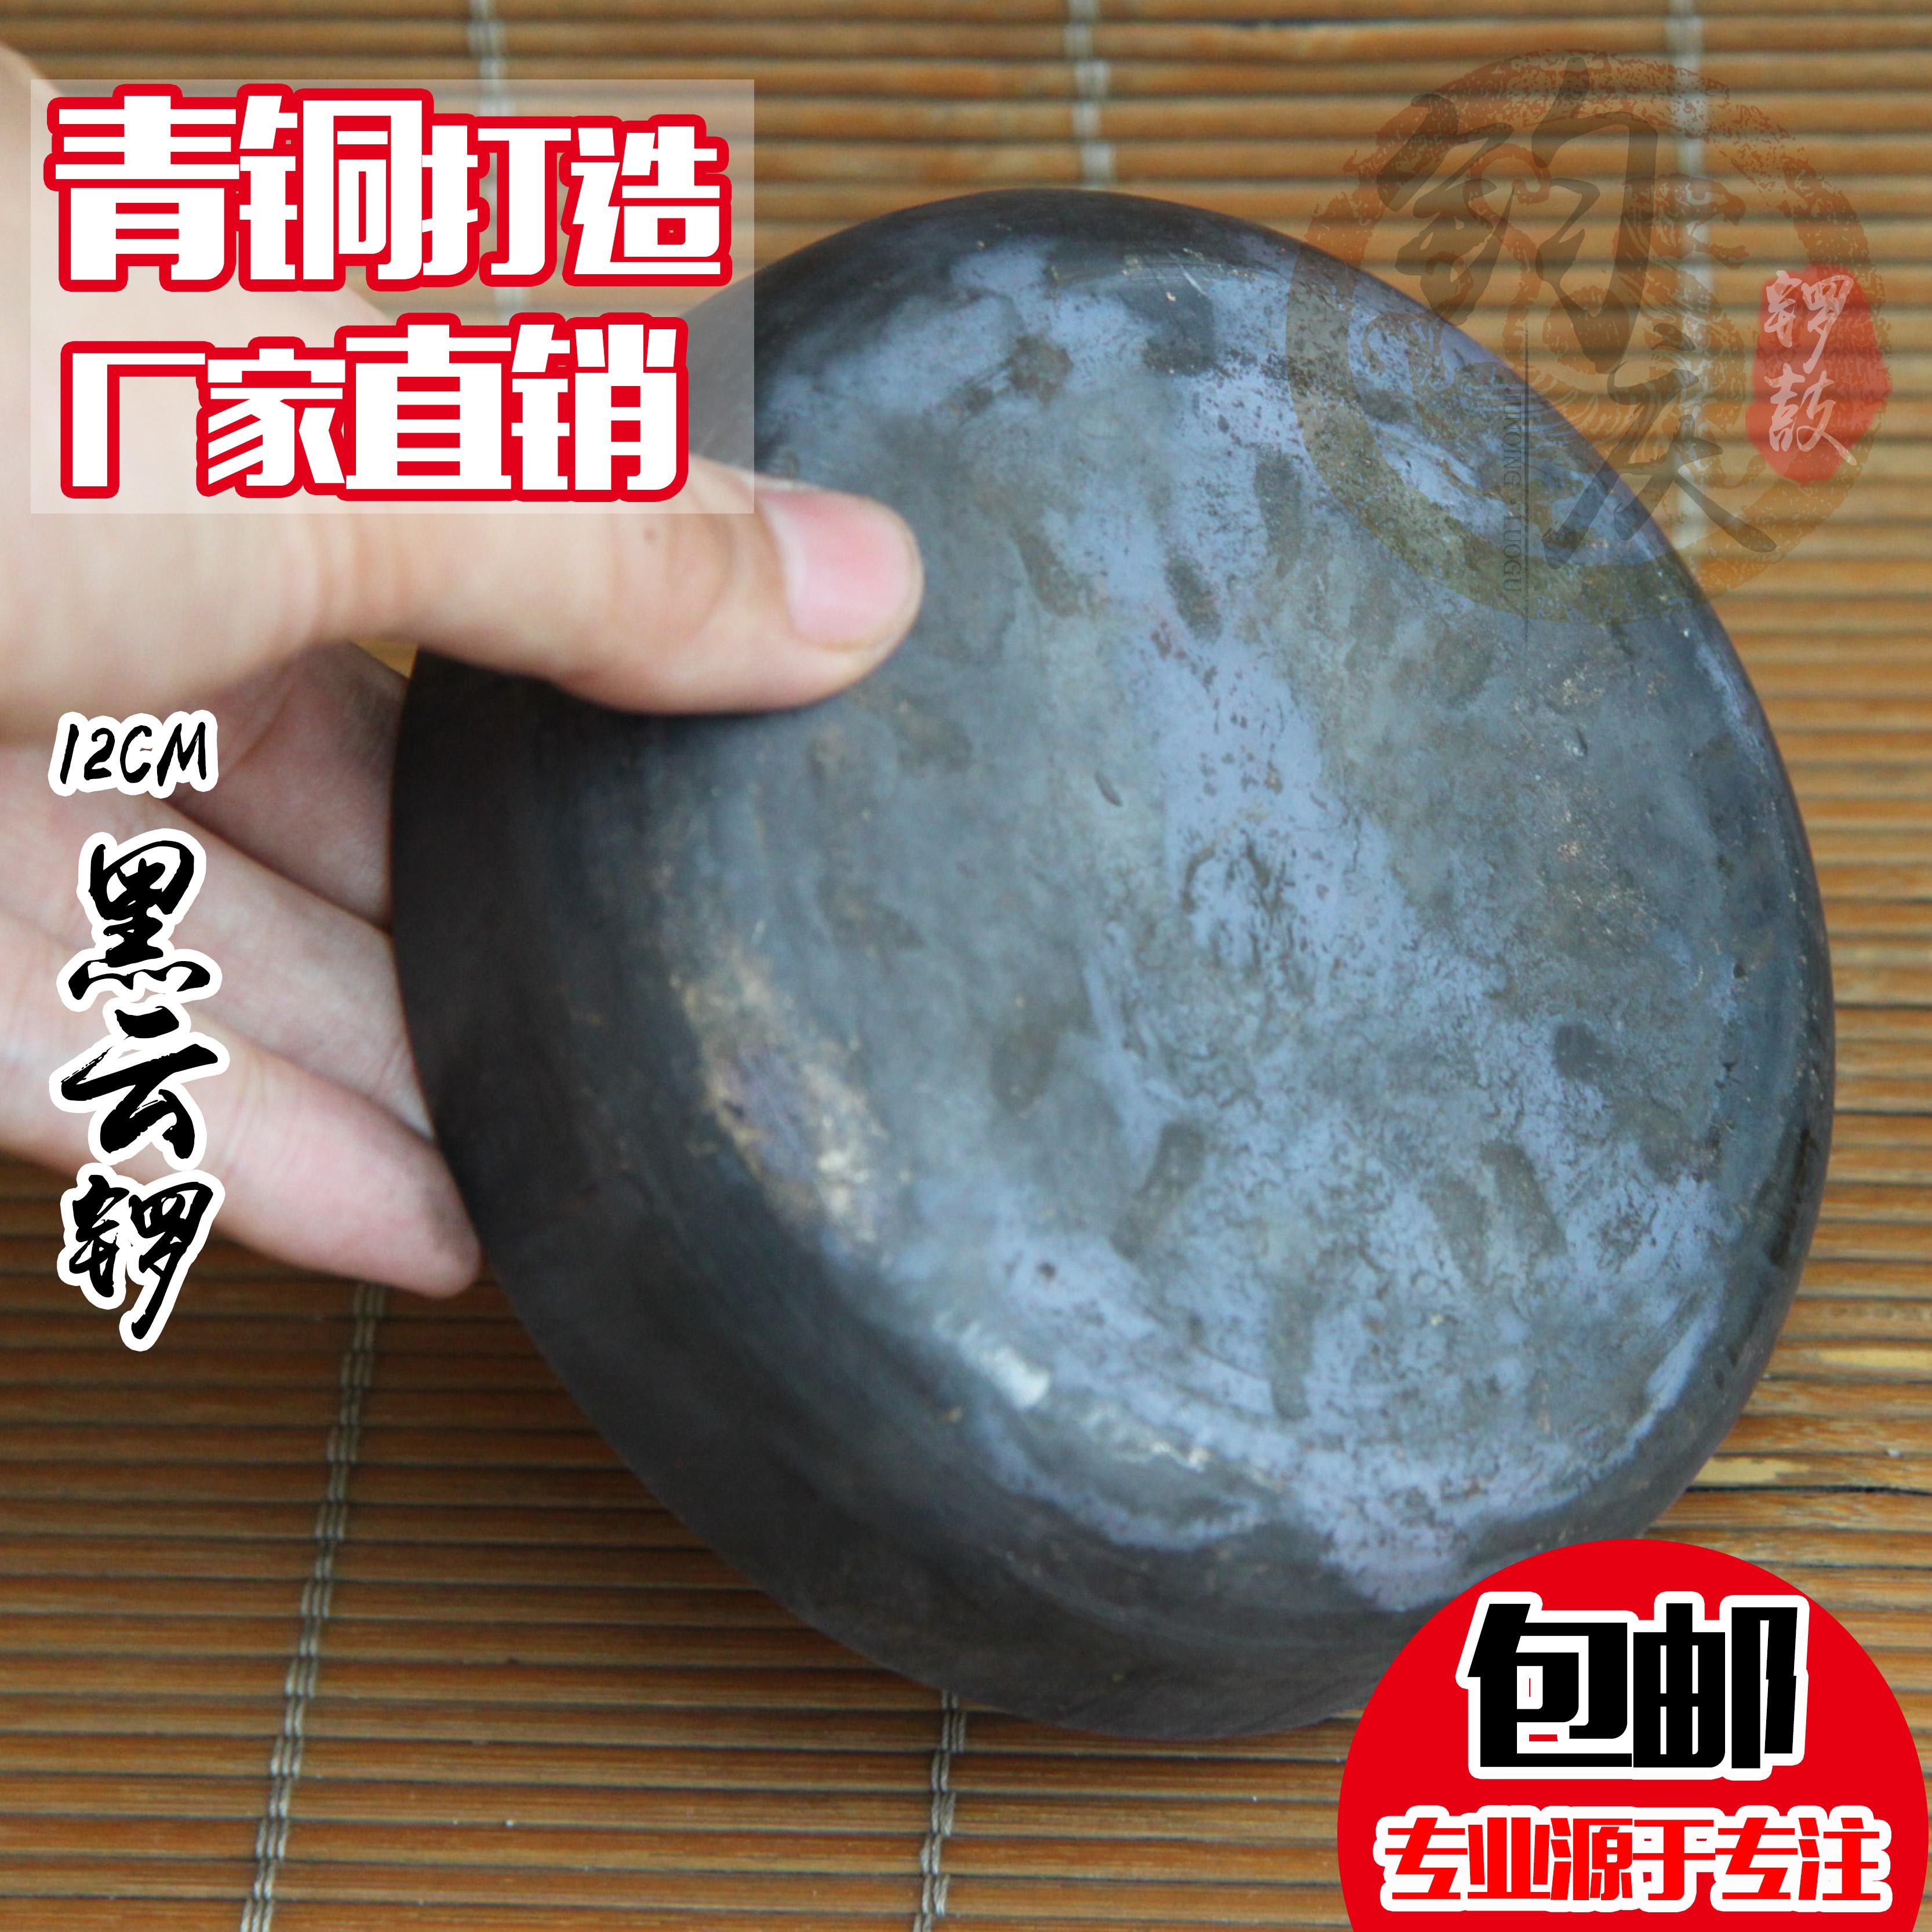 Чжаоцинский барабан 12 см черный Облачность Бронза утепленный Маленькие пони-тарелки бесплатная доставка по китаю